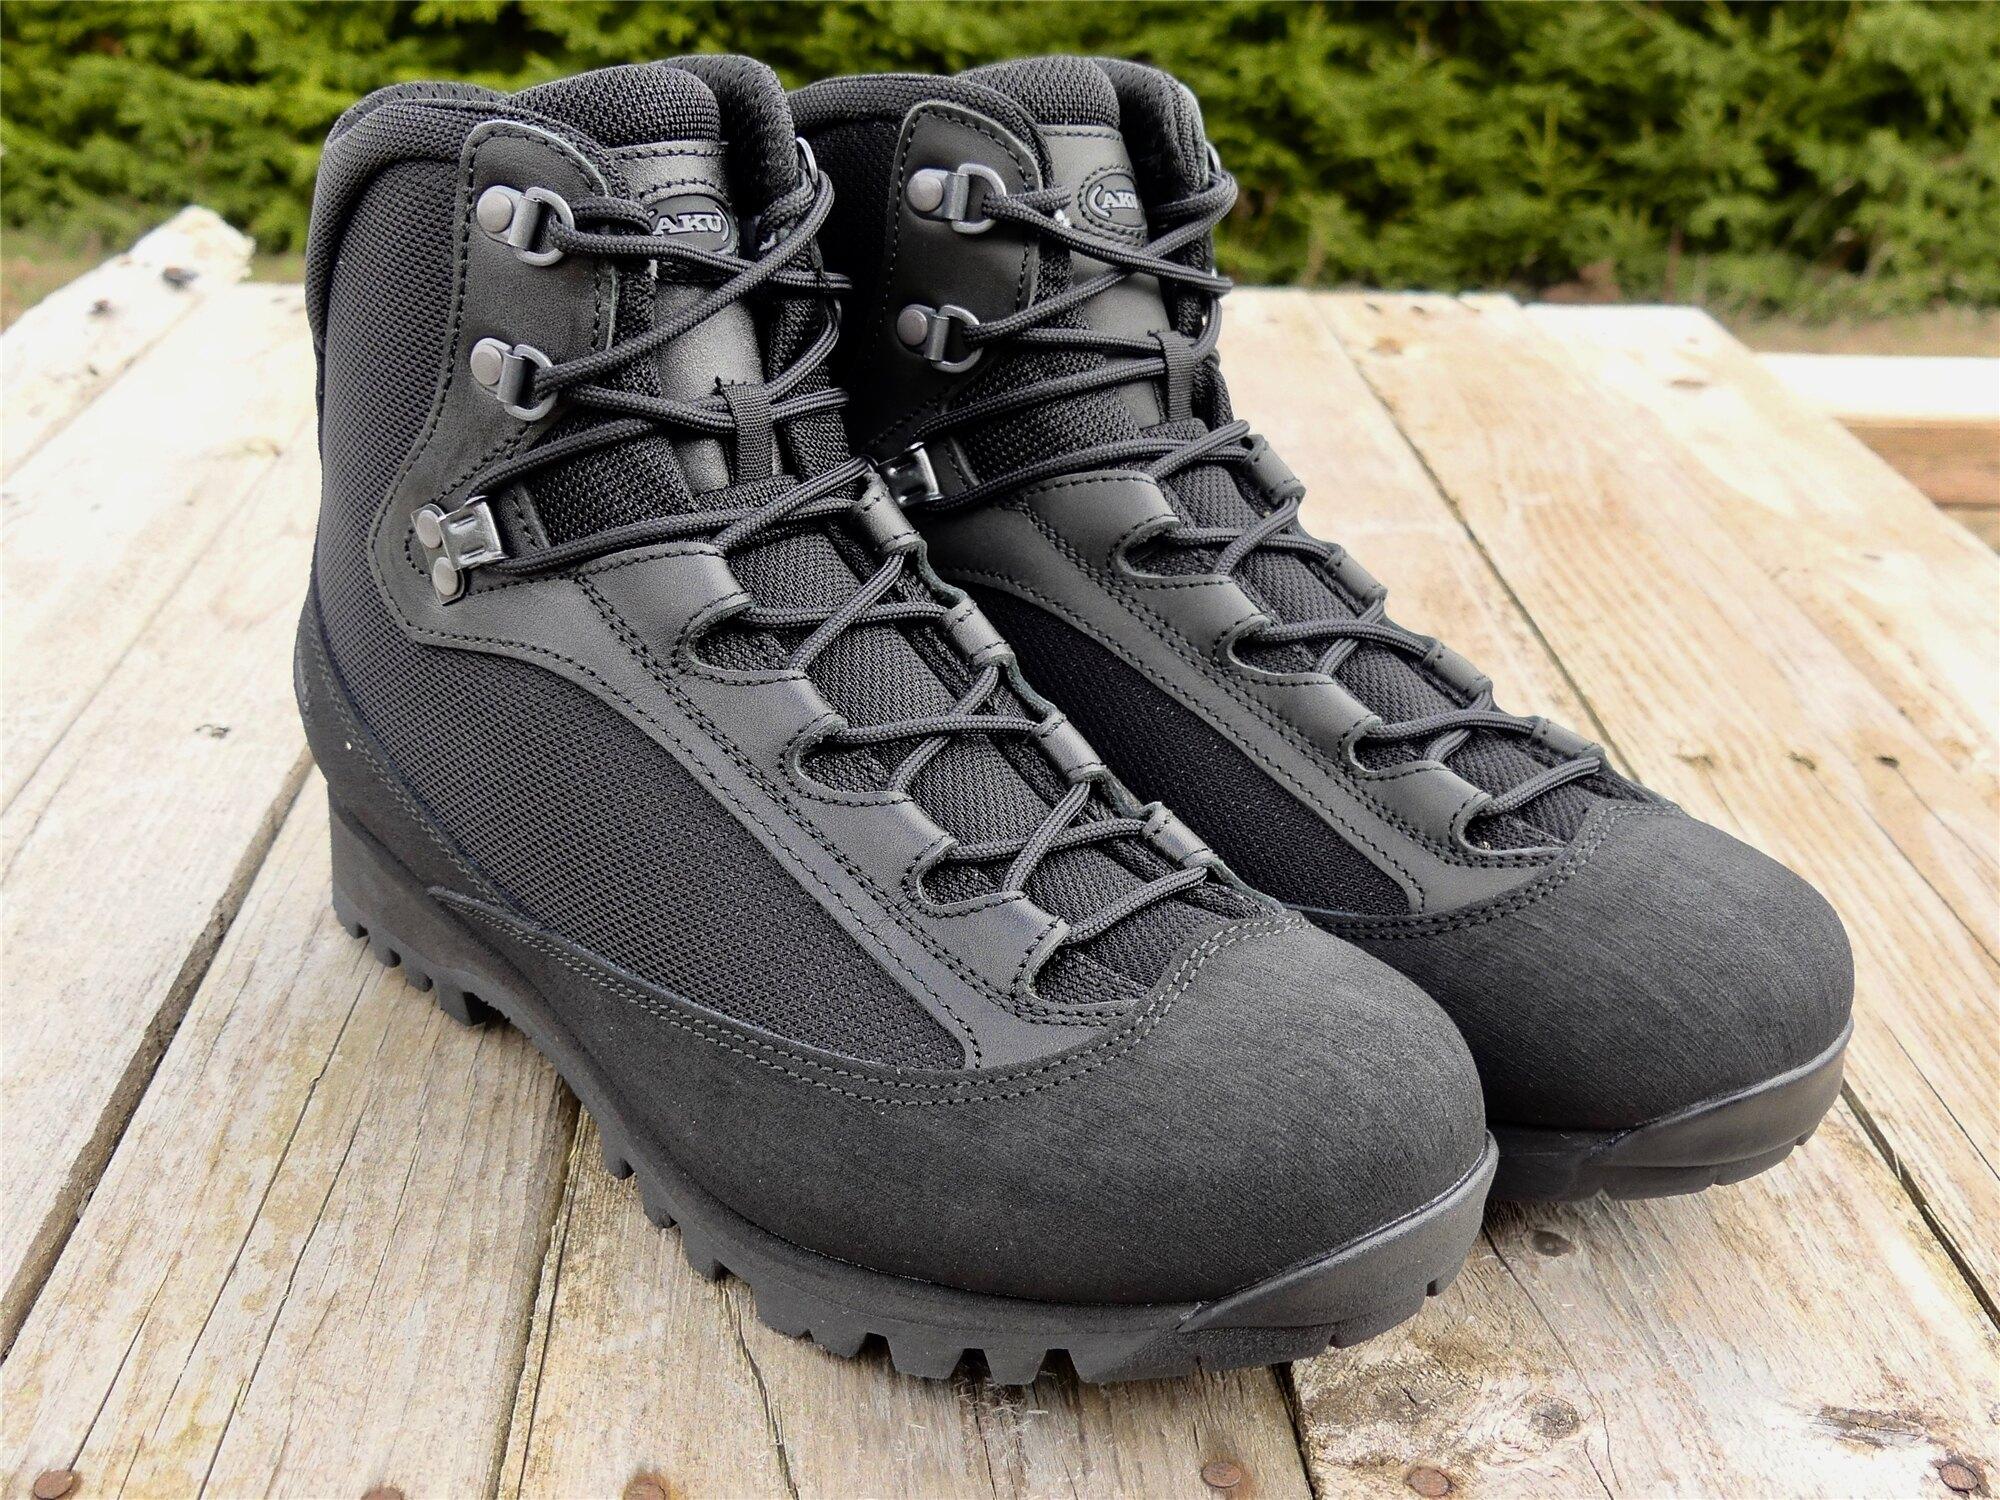 Topánky AKU Tactical® Pilgrim GTX® Combat FG M - čierne (Farba: Čierna, Veľkosť: 41.5)